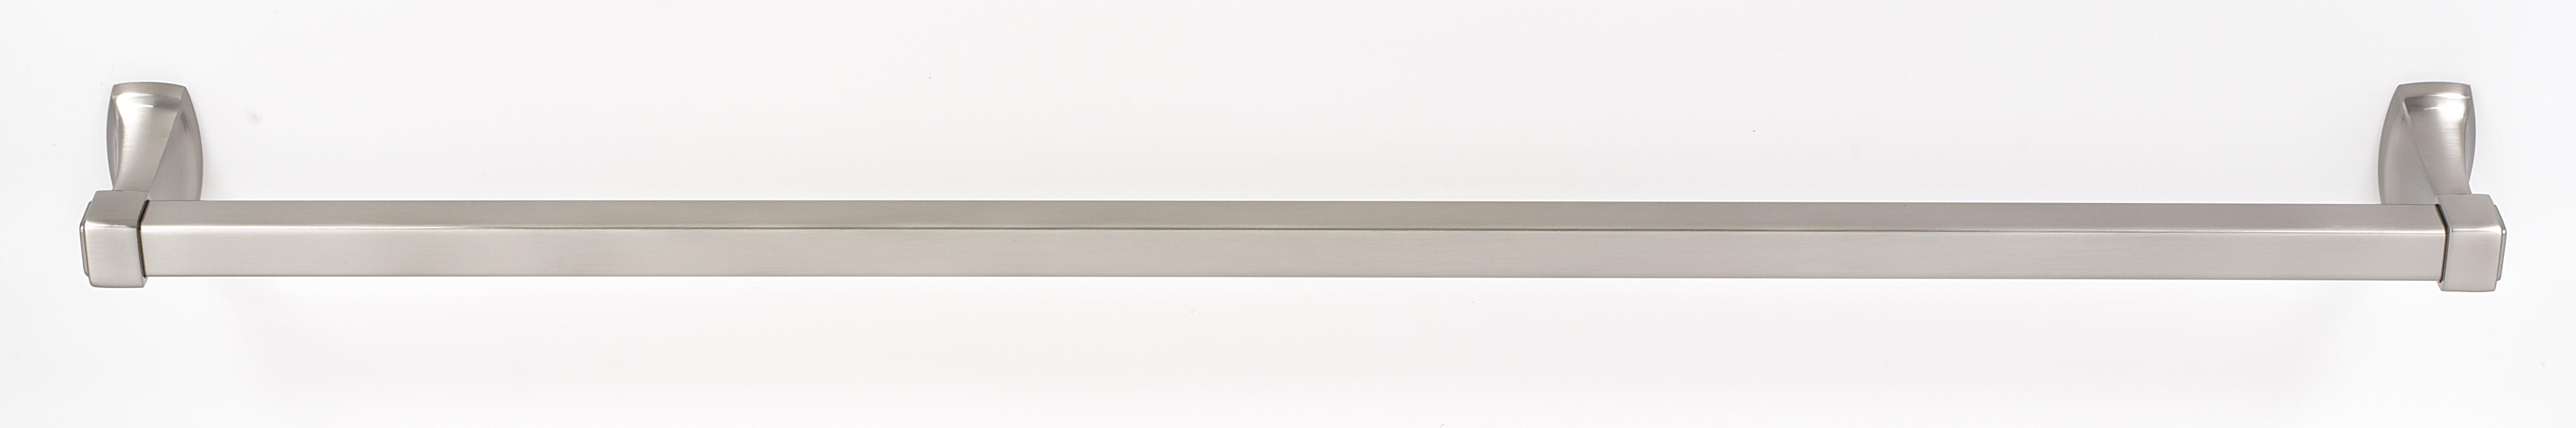 Cube Towel Bar A6520 30